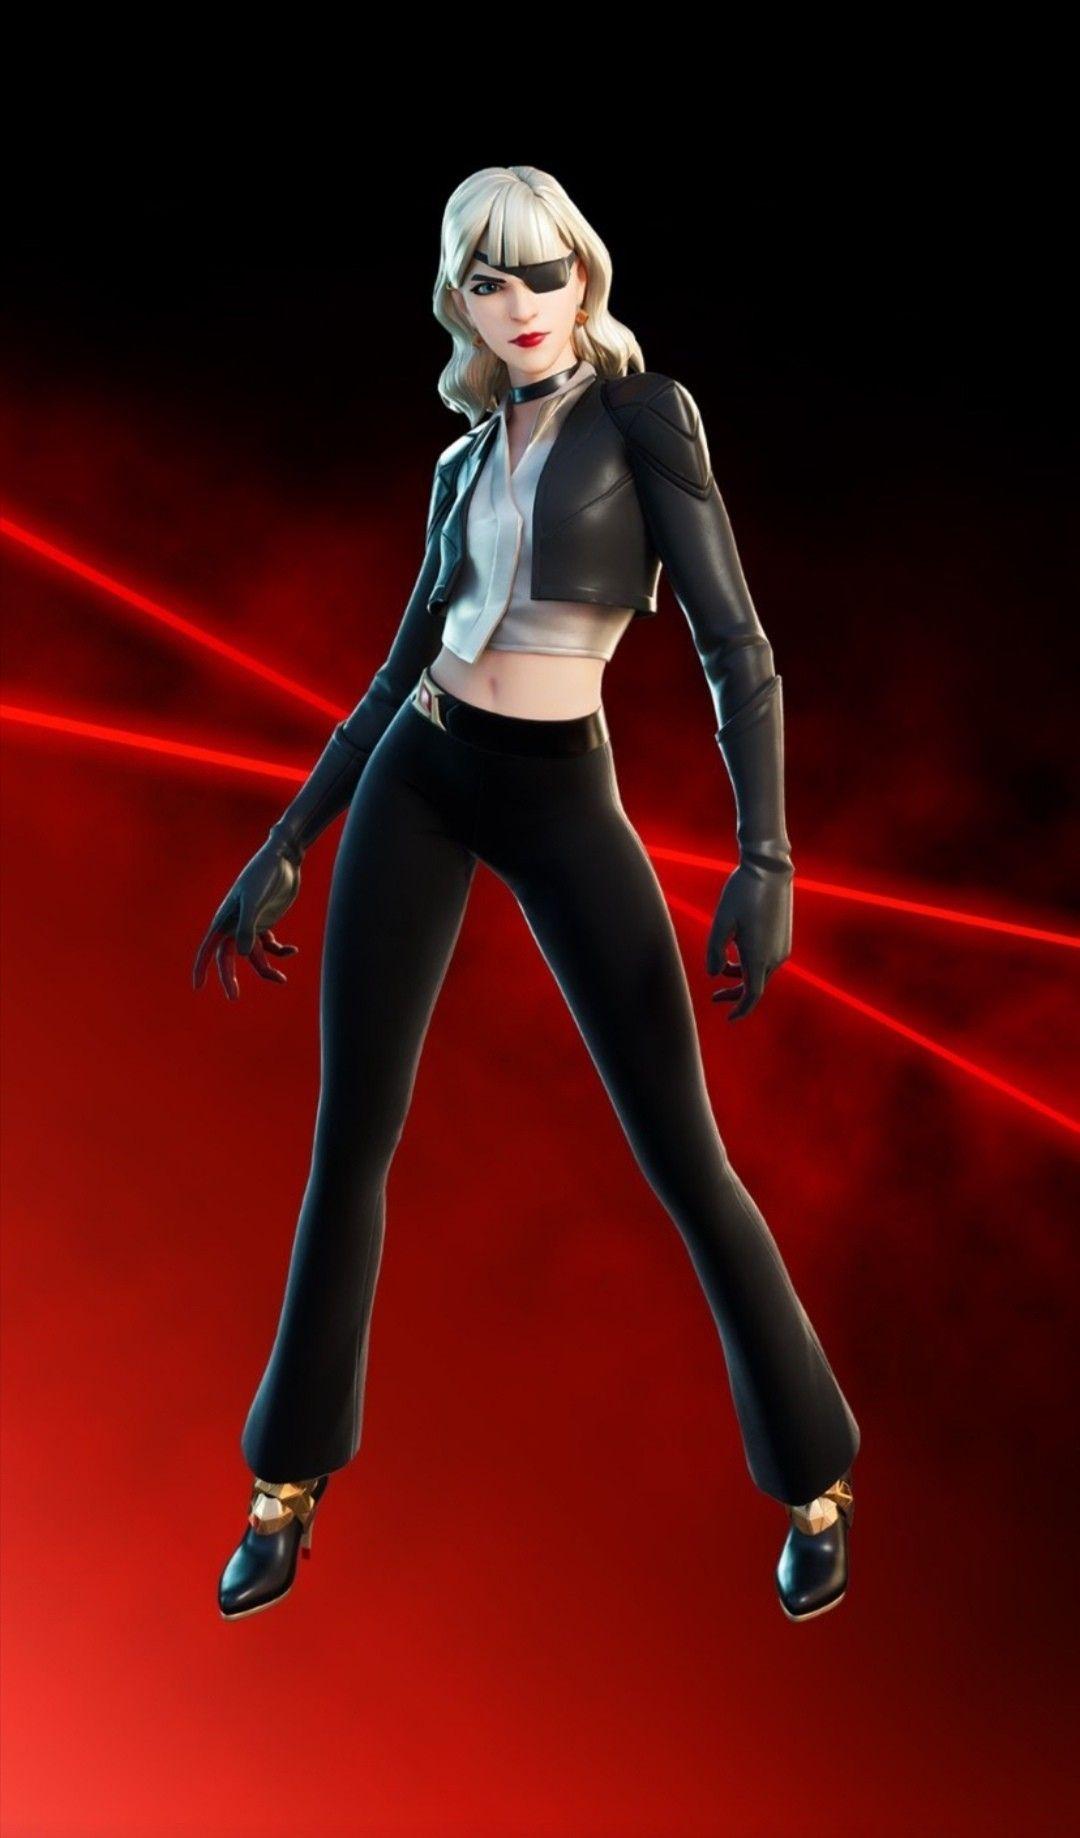 Fortnite Season 2 Chapter 2 Skins Fortnite Skins New Skins Fortnite Marvel Gamer Pics Gamer Girl Fortnite